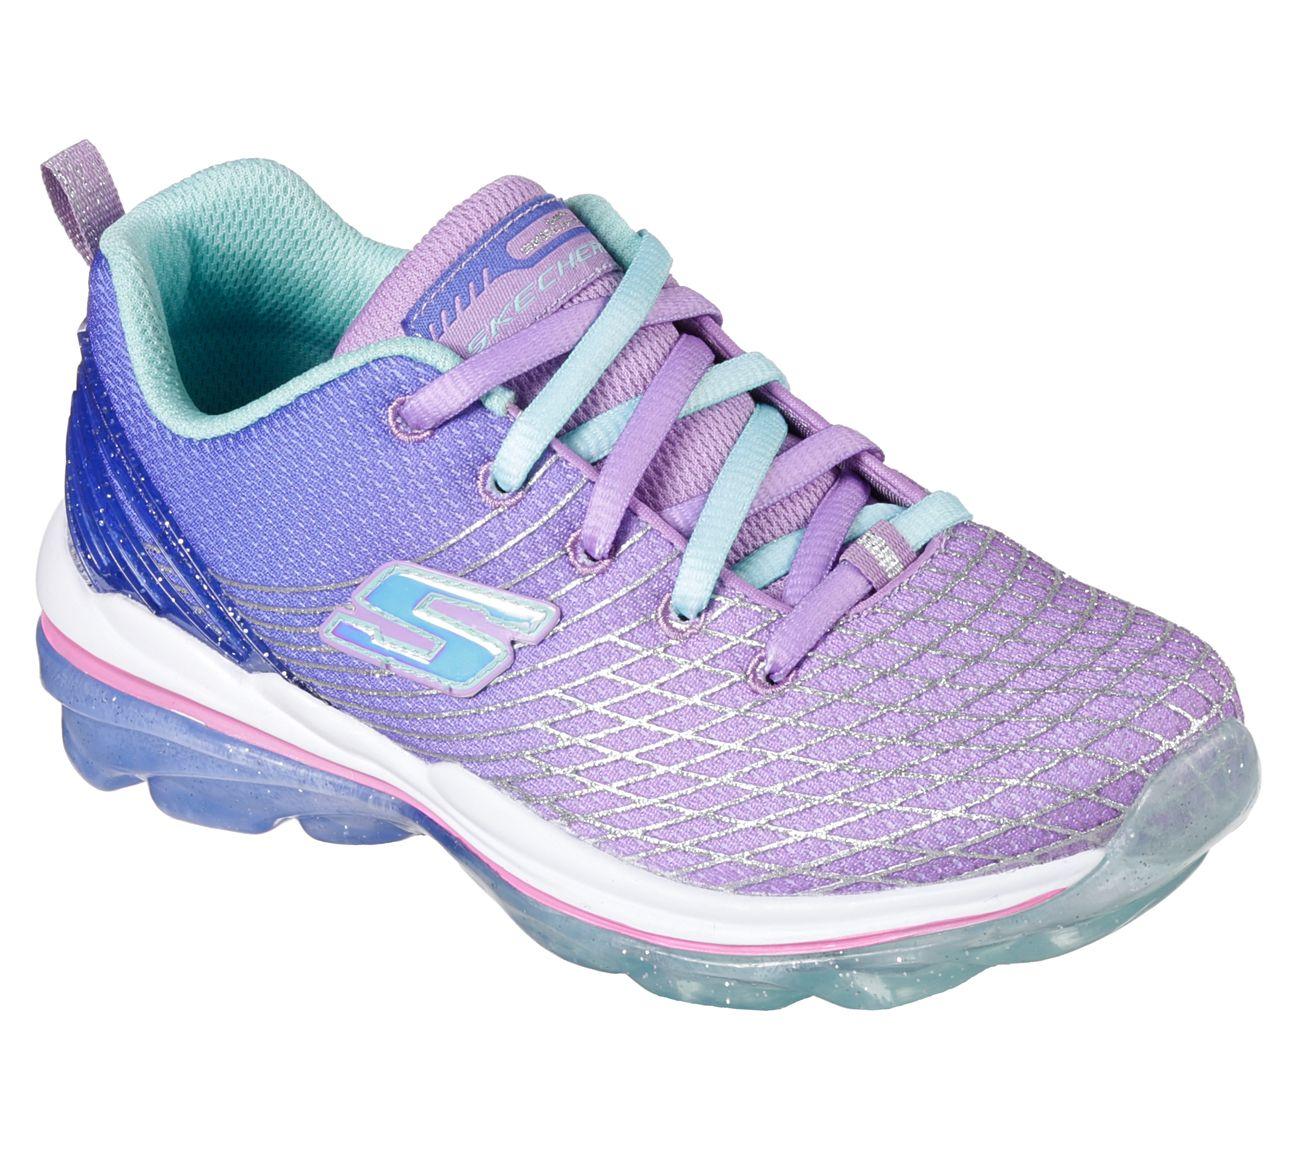 177 Best Footwear | Junior Athletic. images | Footwear